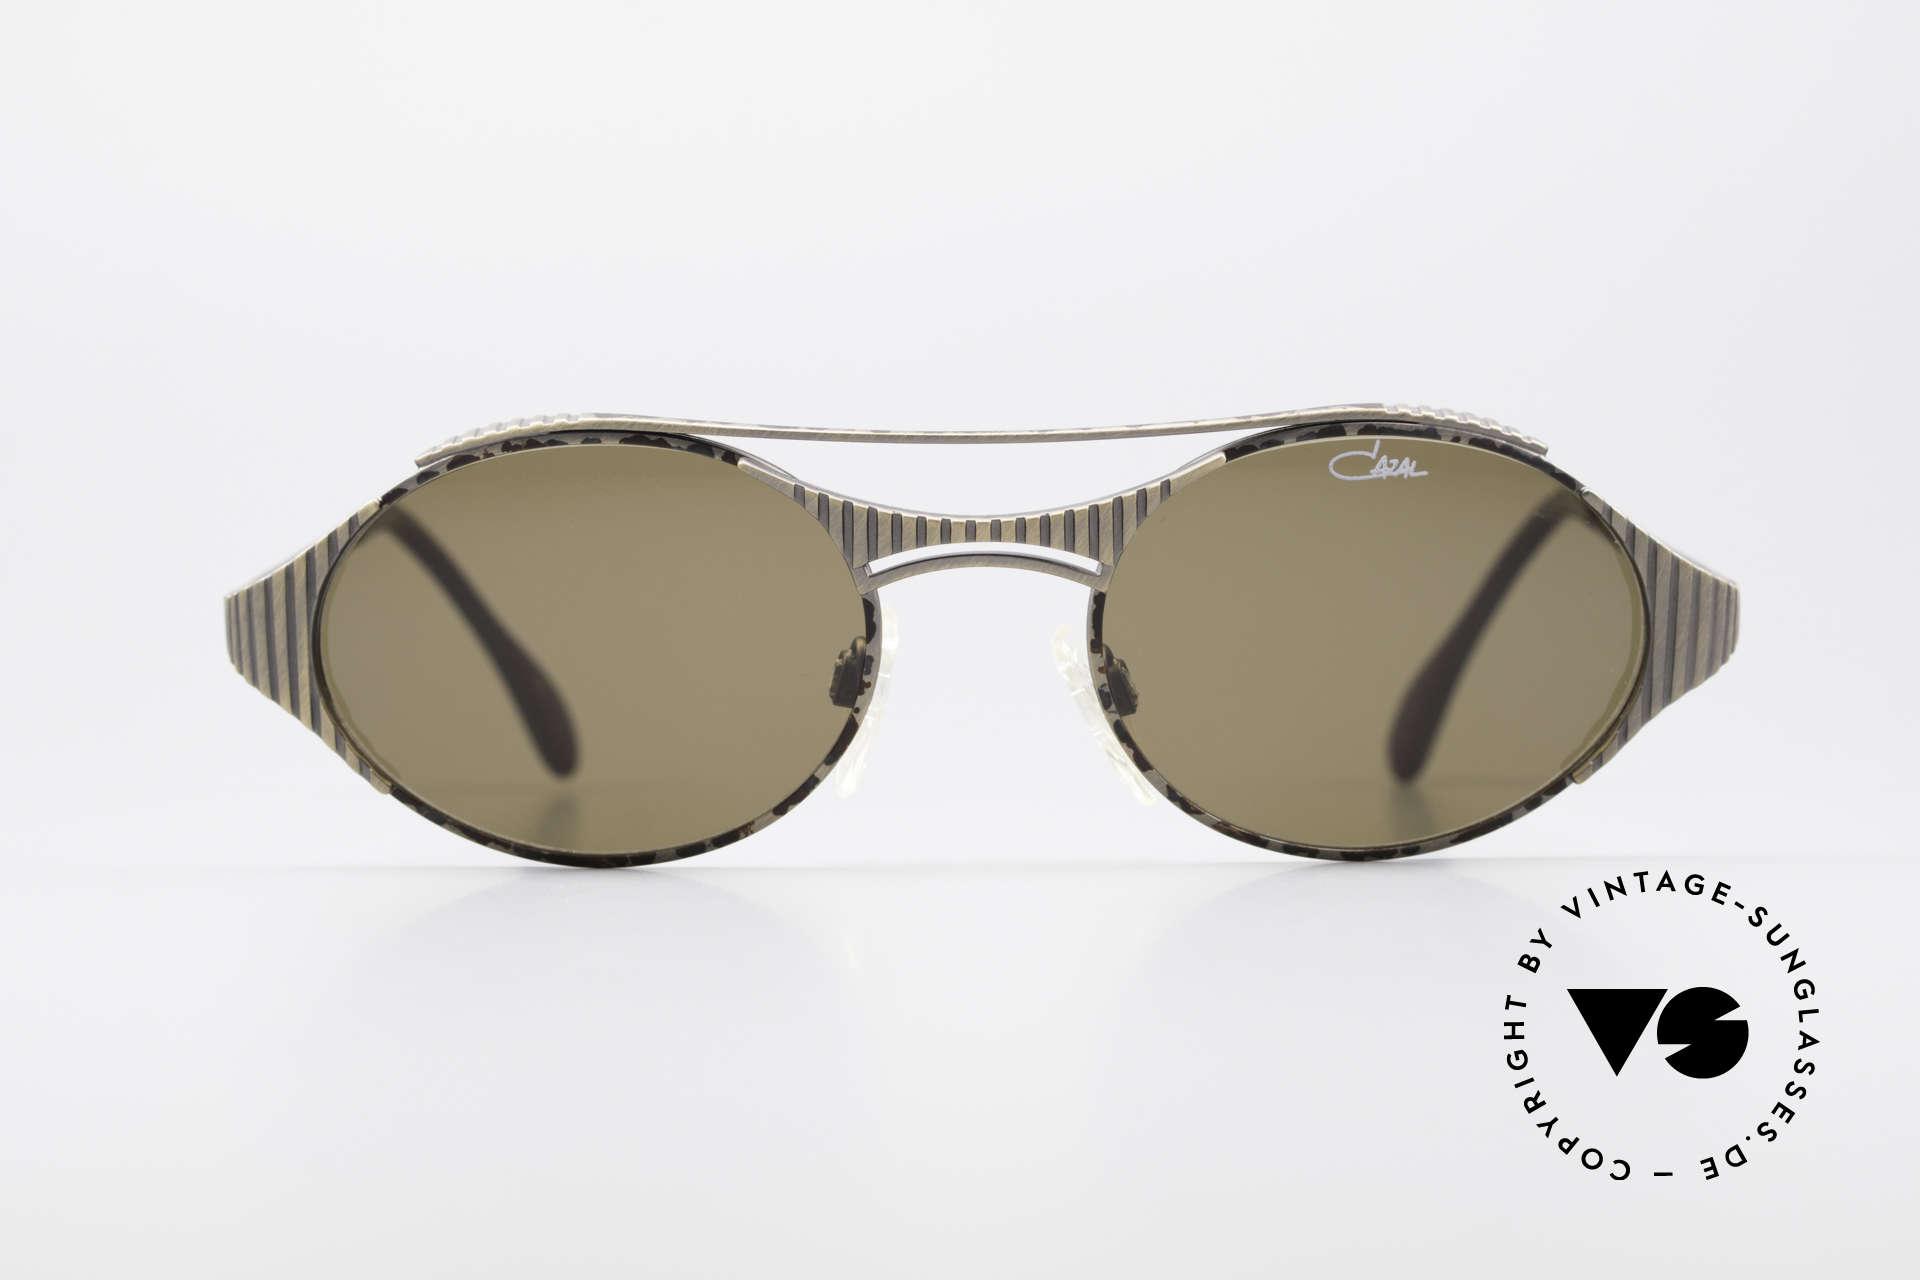 Cazal 978 Vintage Designer Sonnenbrille, unglaublich hochwertig (muss man einfach fühlen!), Passend für Herren und Damen